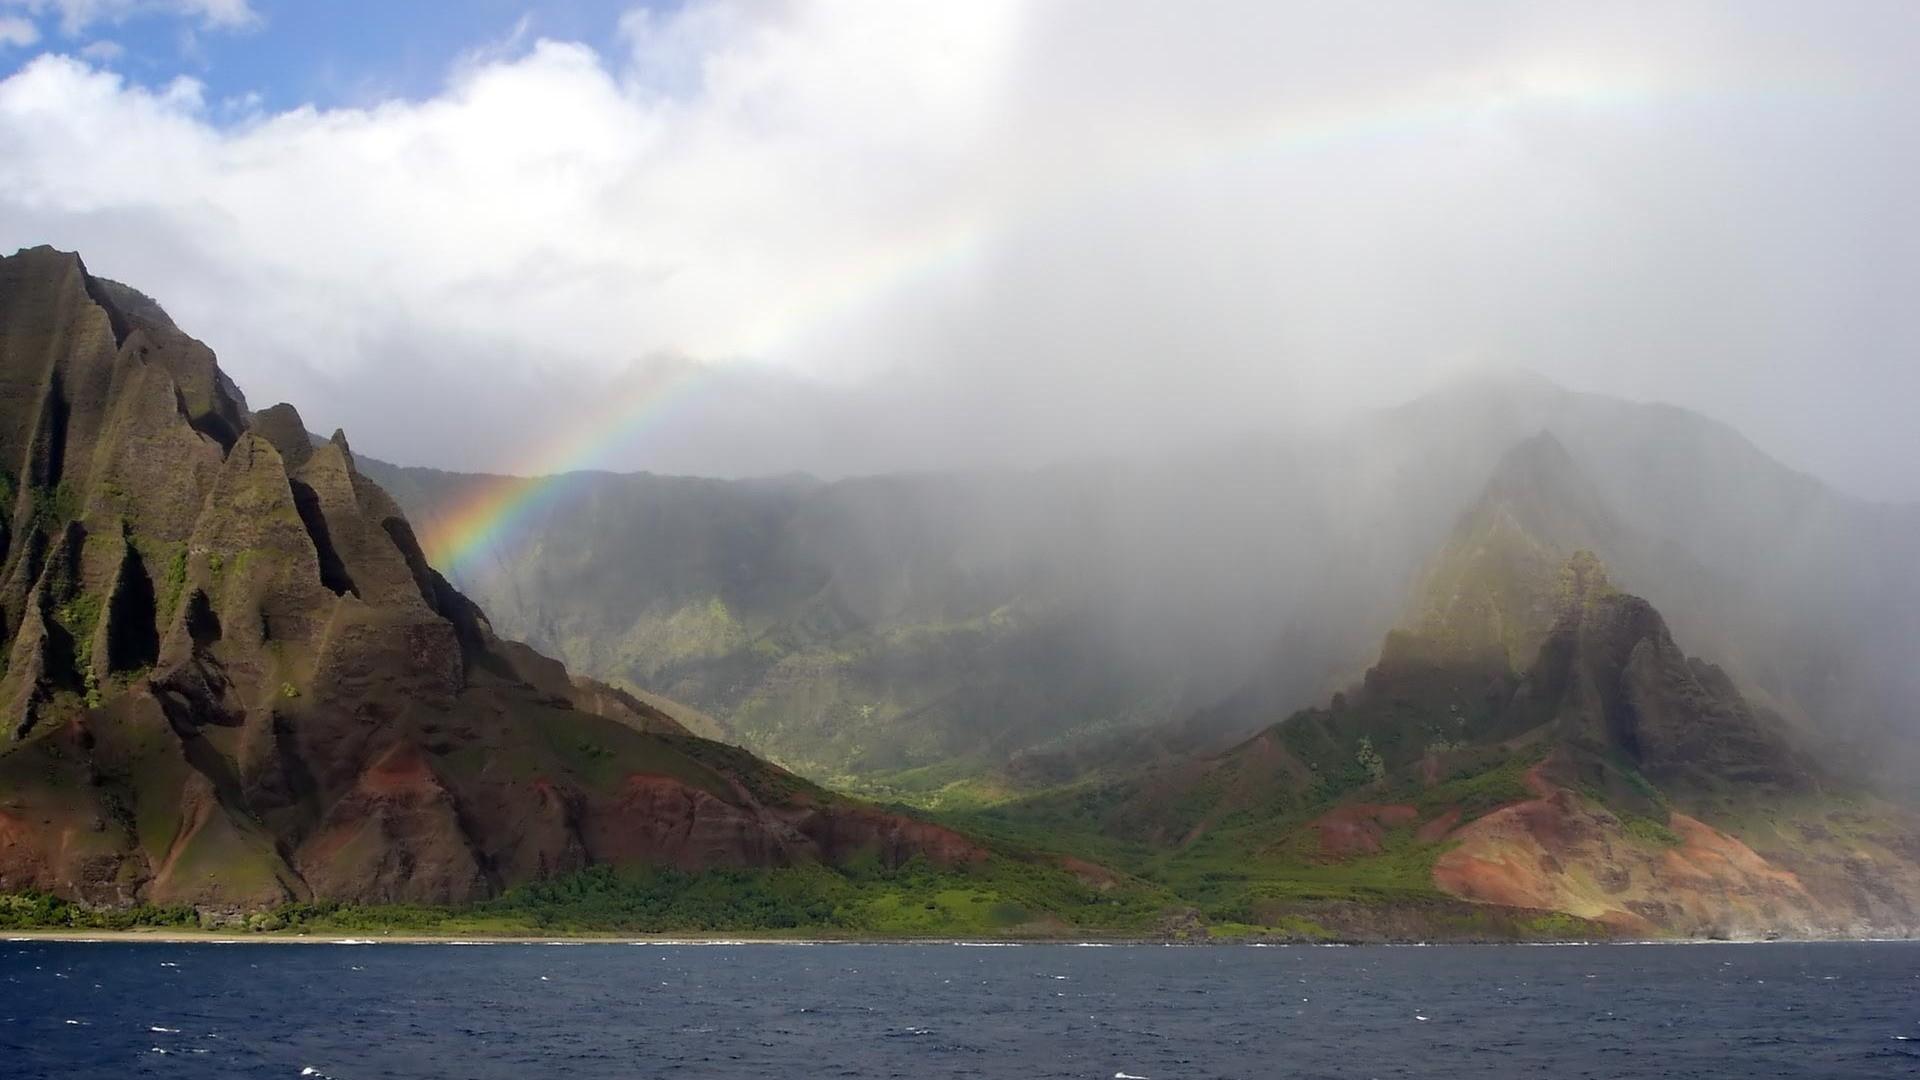 Rainbow at Na Pali Coast, Hawaii wallpaper #1148